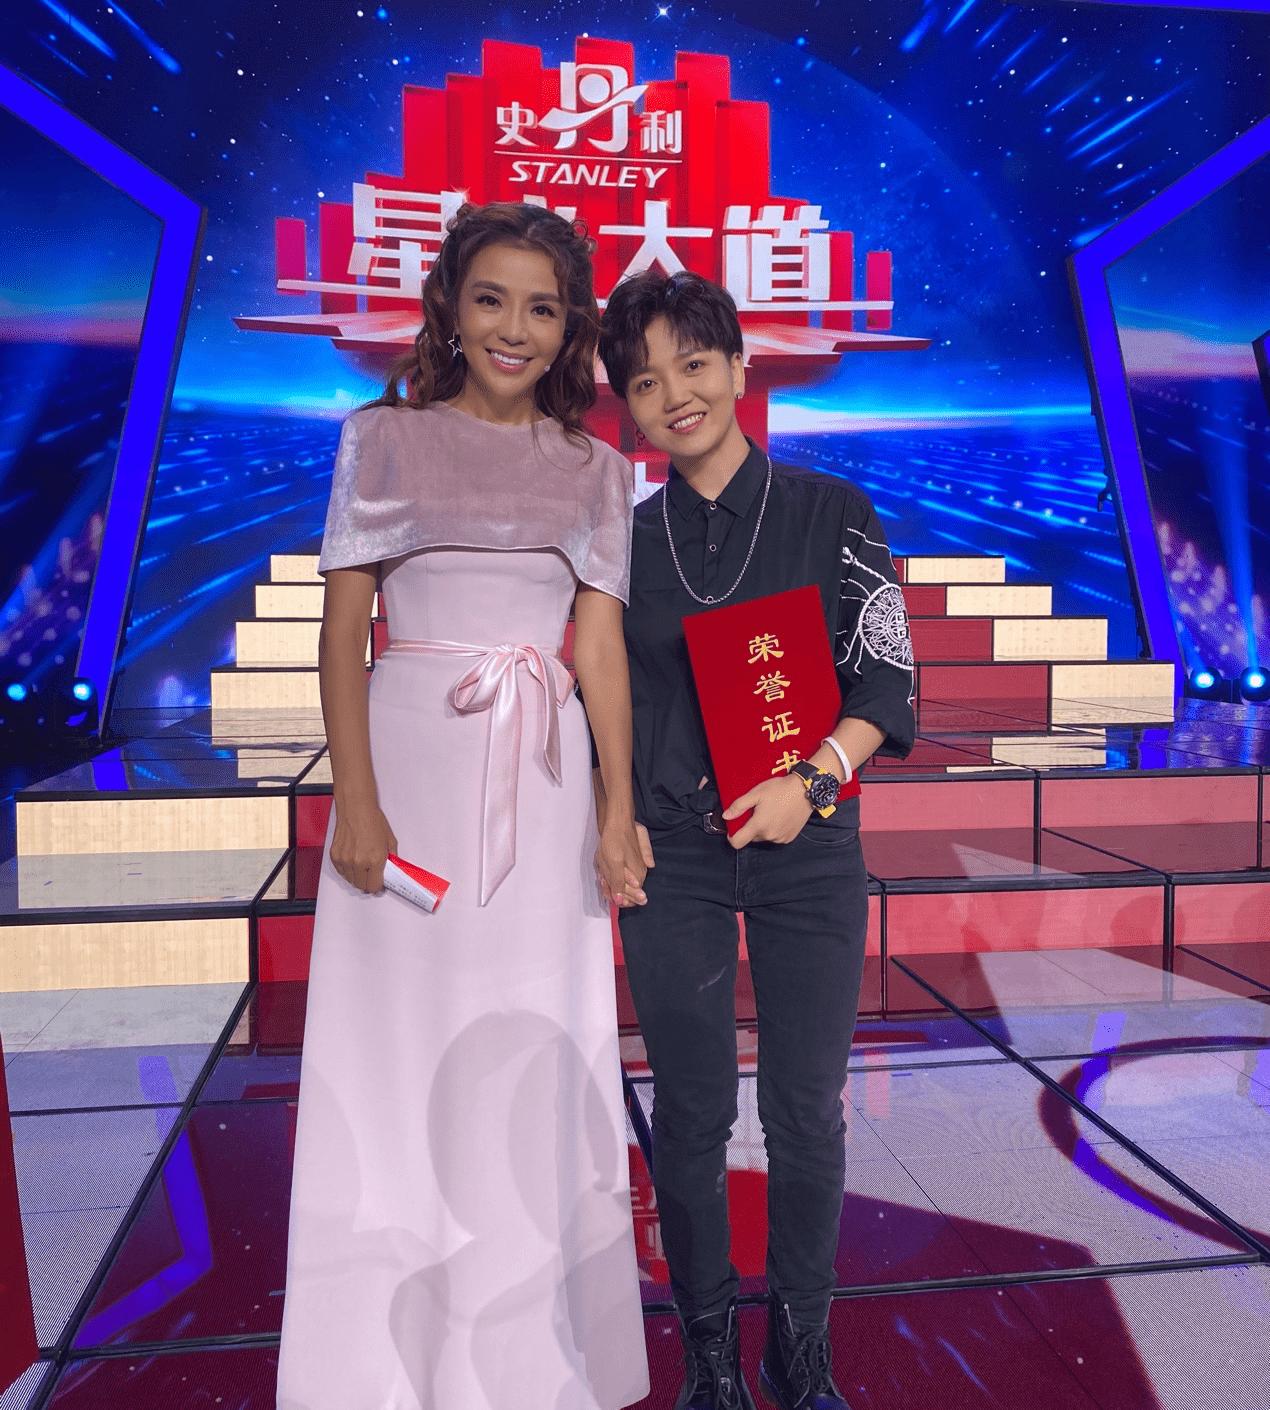 《星光大道》首播最新周赛,A站UP主王志心斩获冠军